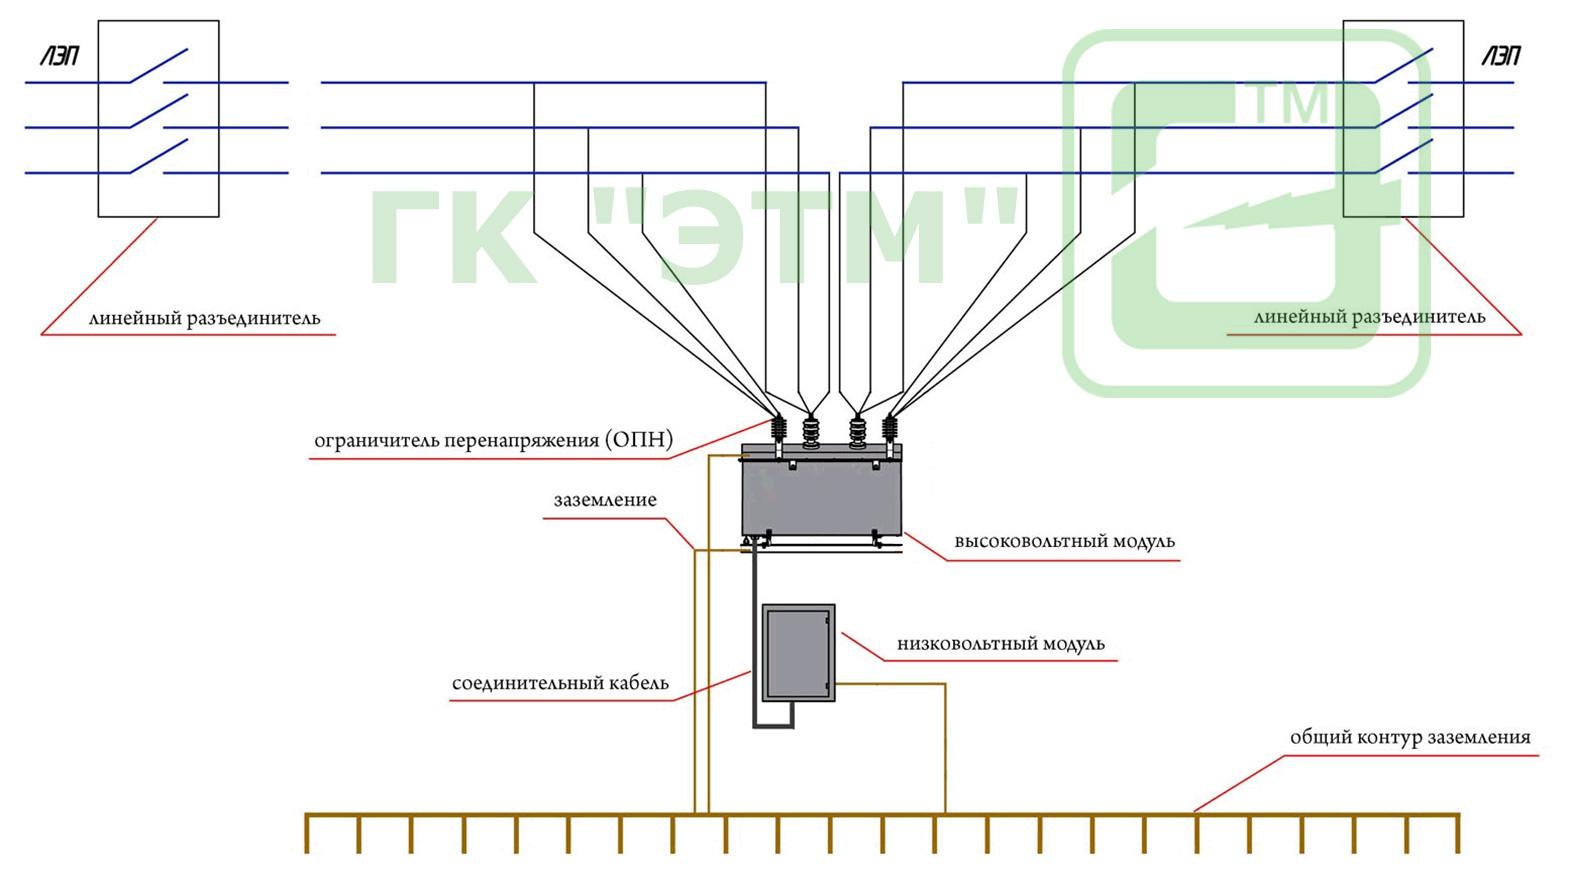 ксо 298 вторичная коммутация монтажная схема клеммник